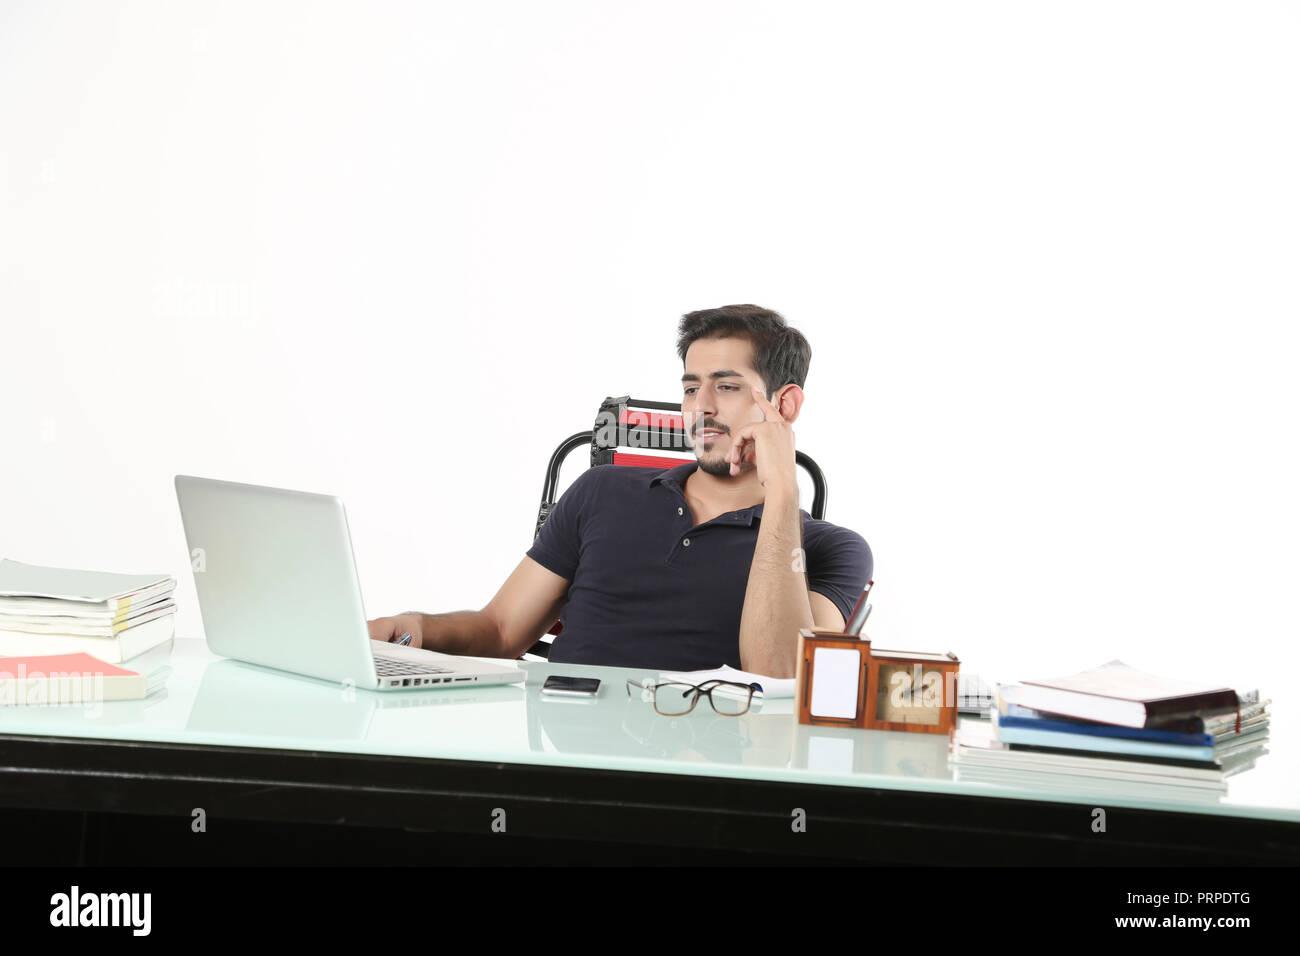 affc03653f L'homme est à la recherche de travail avec ordinateur portable assis sur la  chaise